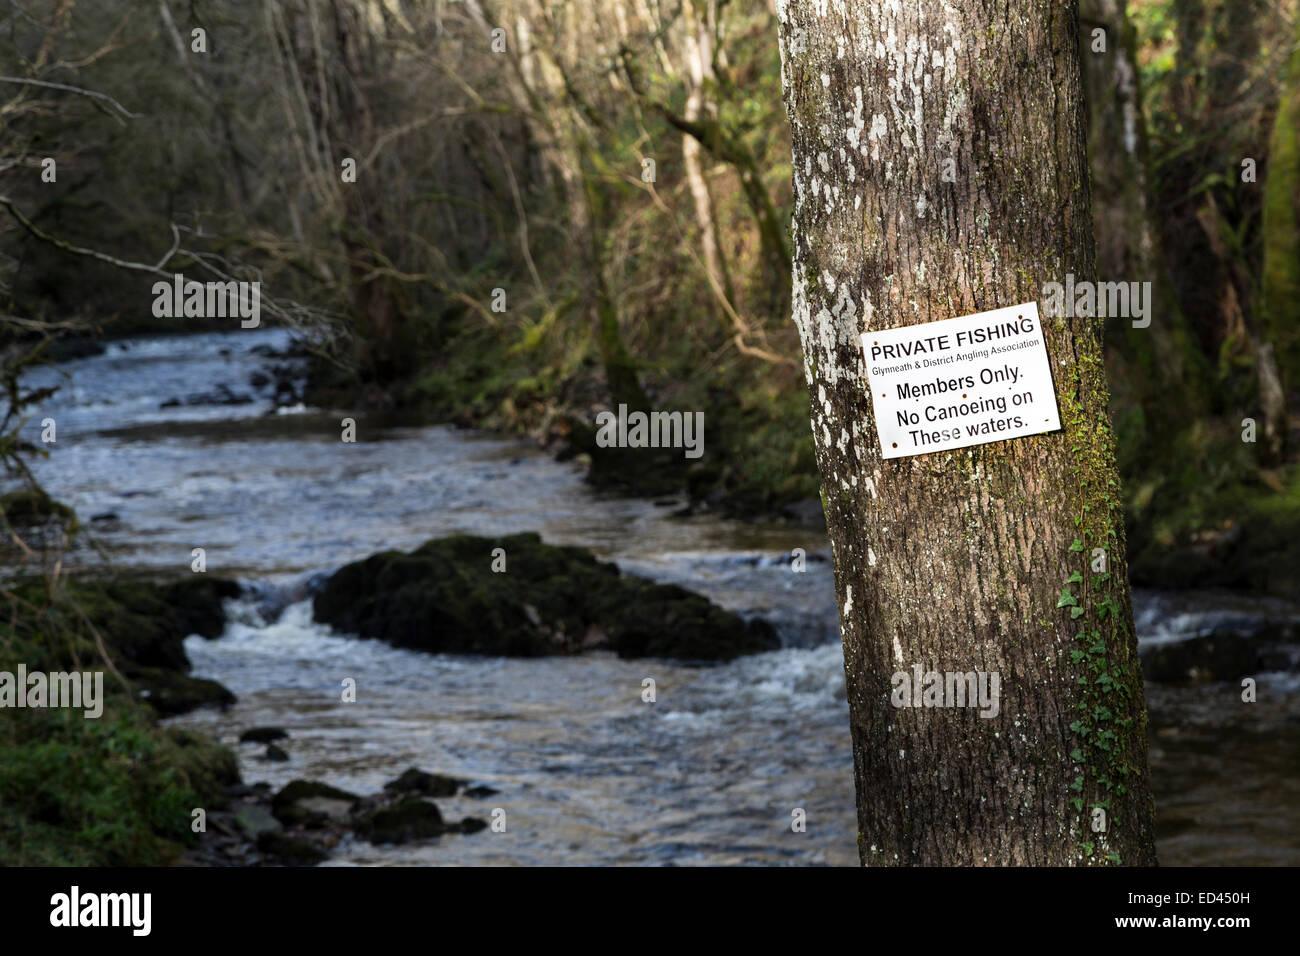 No privado de pesca piragüismo por el río signo en cascadas a pie, Pontneddfechan, Wales, REINO UNIDO Imagen De Stock